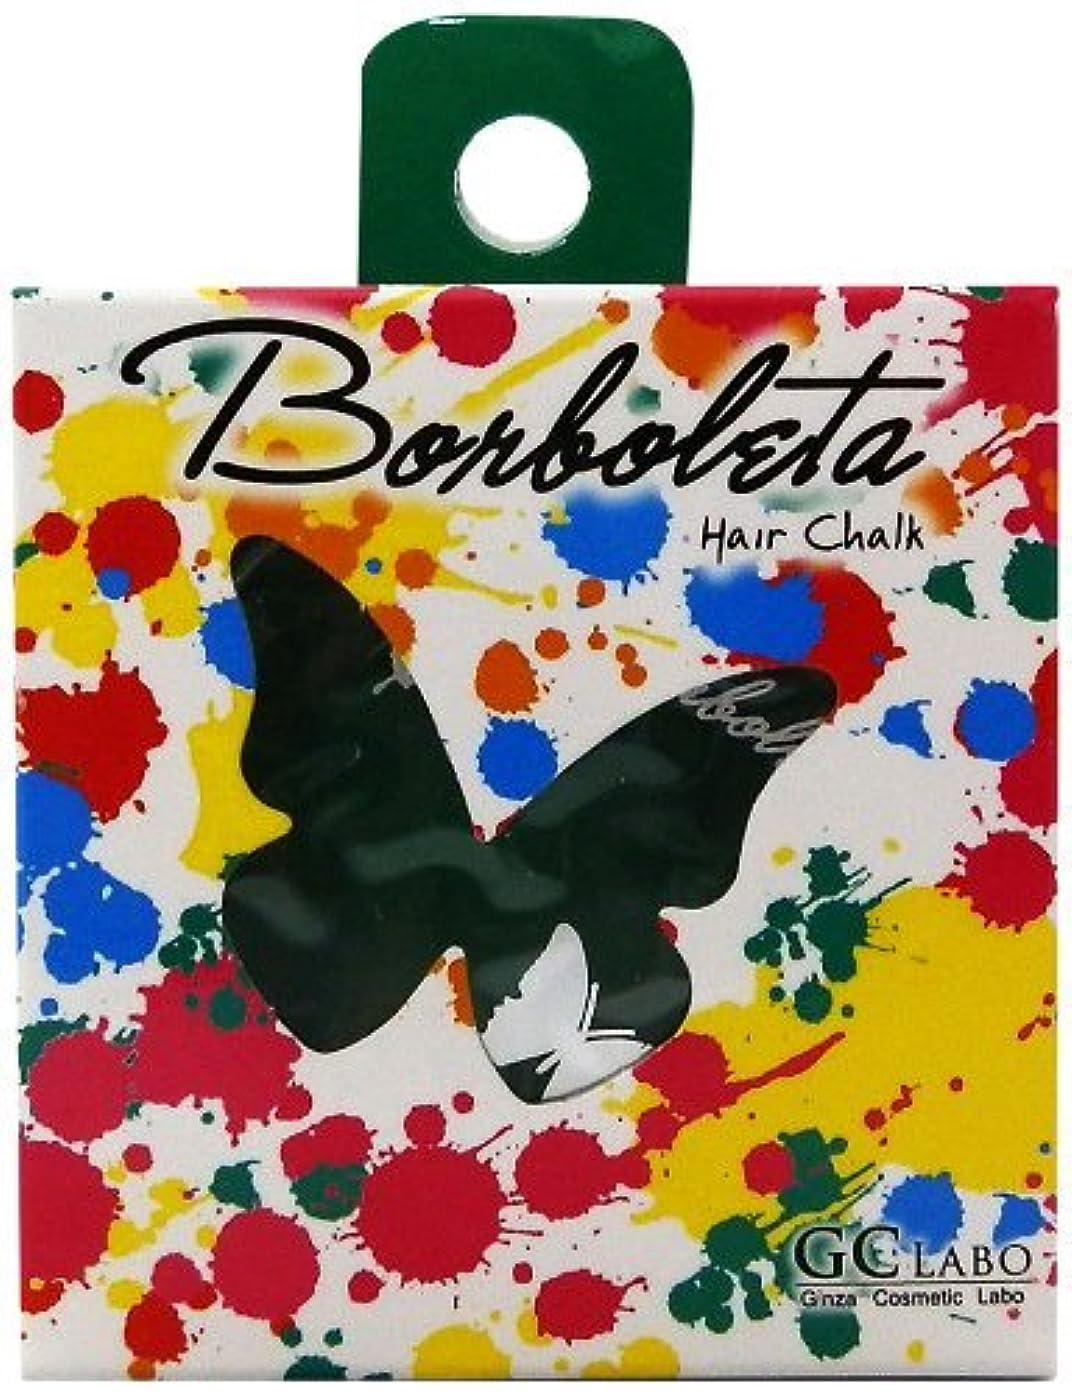 バラバラにするおじいちゃん審判MADE IN JAPAN Borboleta ヘアチョーク(全8色) ヘアーチョーク ヘアーカラー (ORANGE)